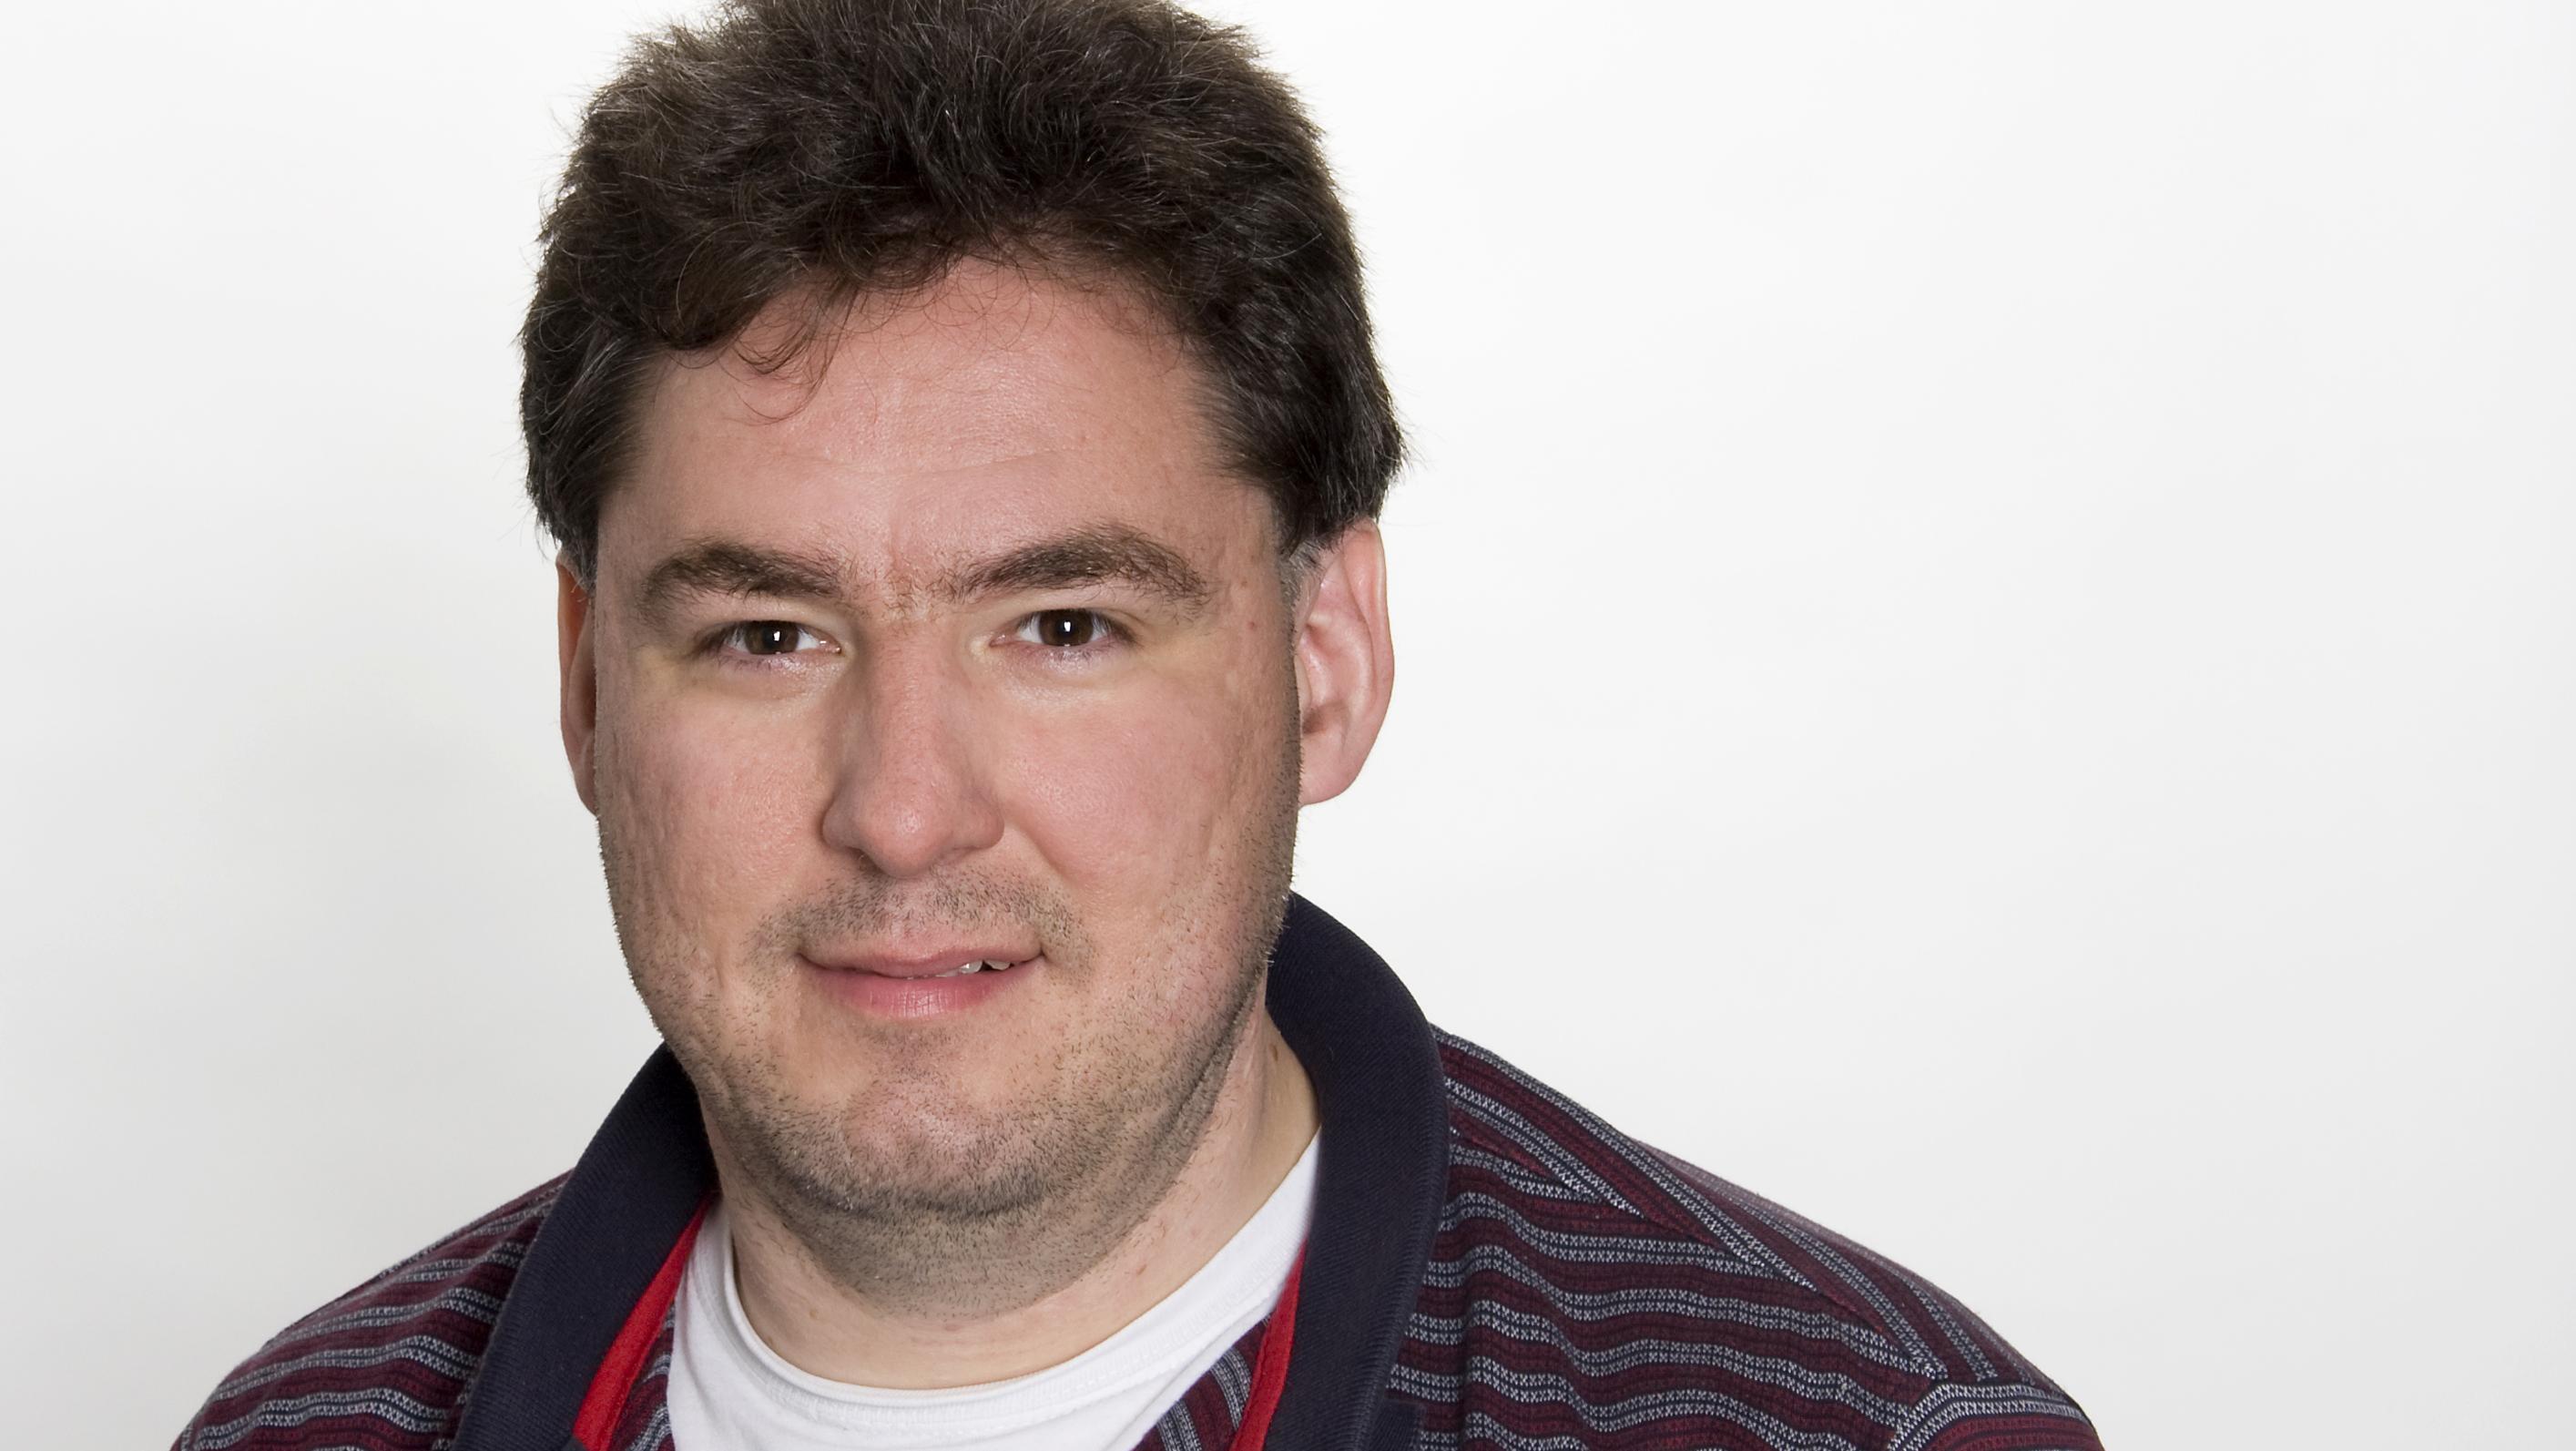 BR-Moderator Holger Kiesel ist als neuer bayerischer Behindertenbeauftragter vorgesehen